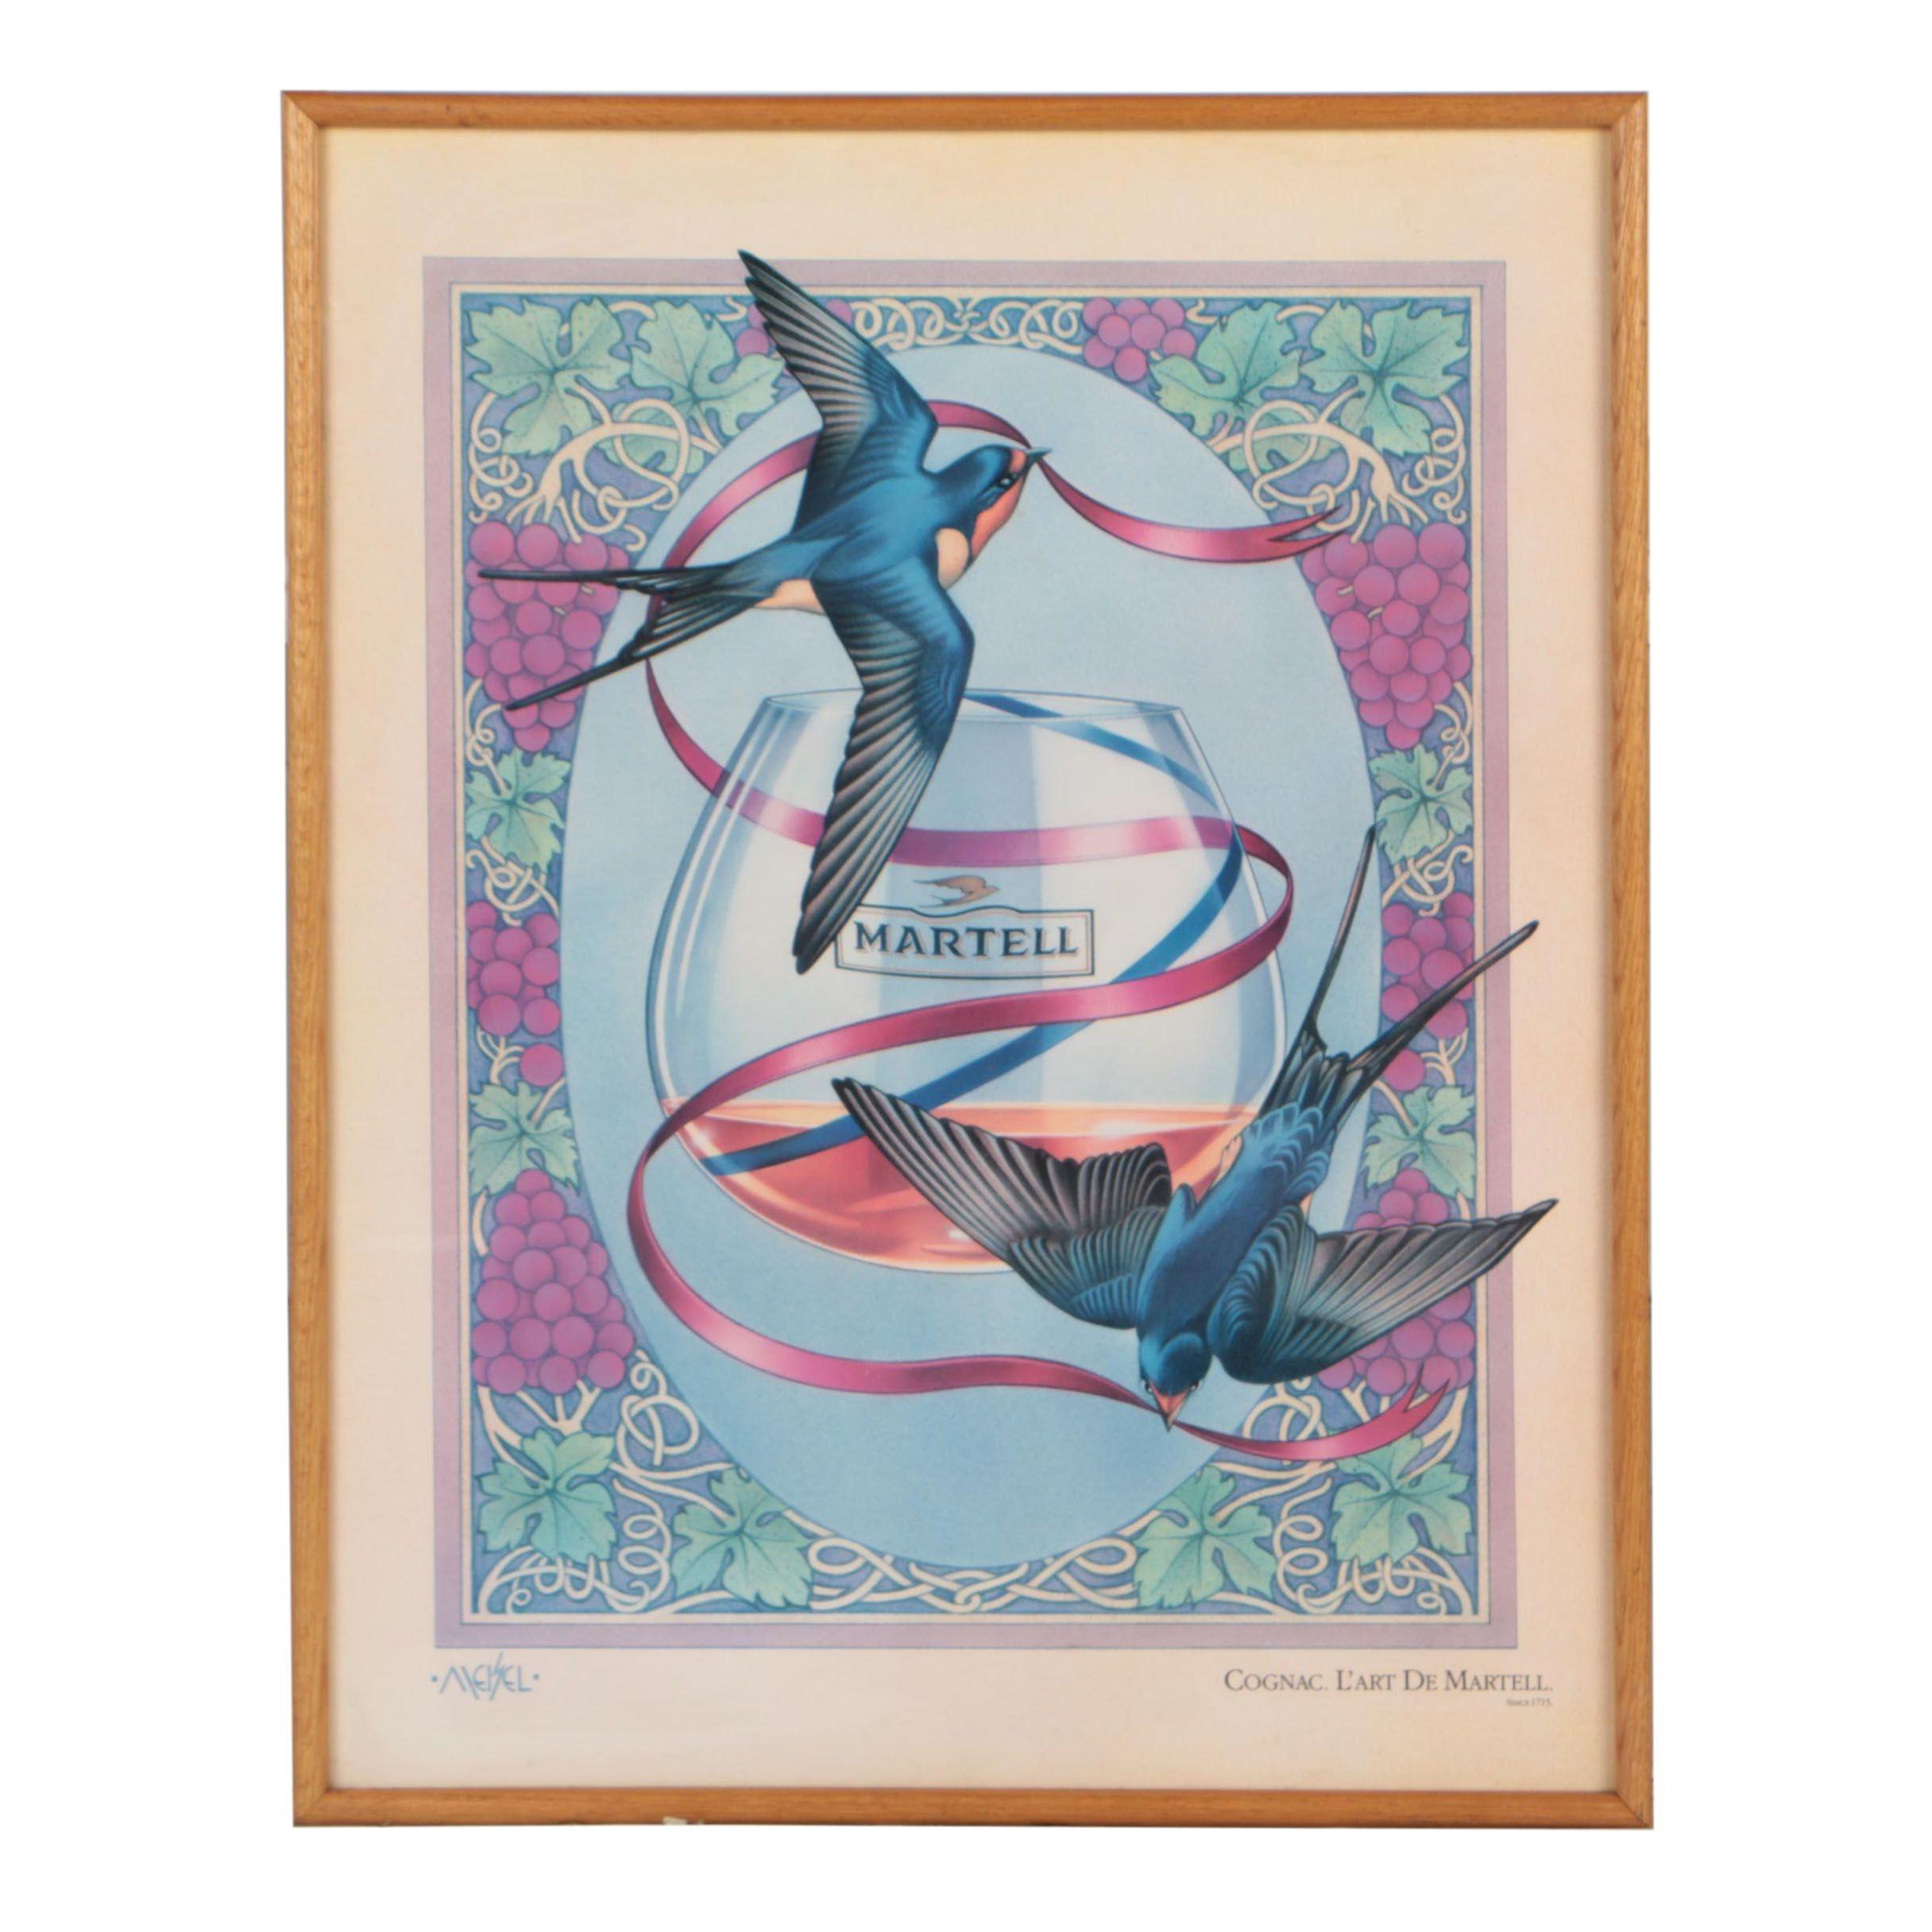 Martell Cognac Advertisement Offset Lithograph Poster